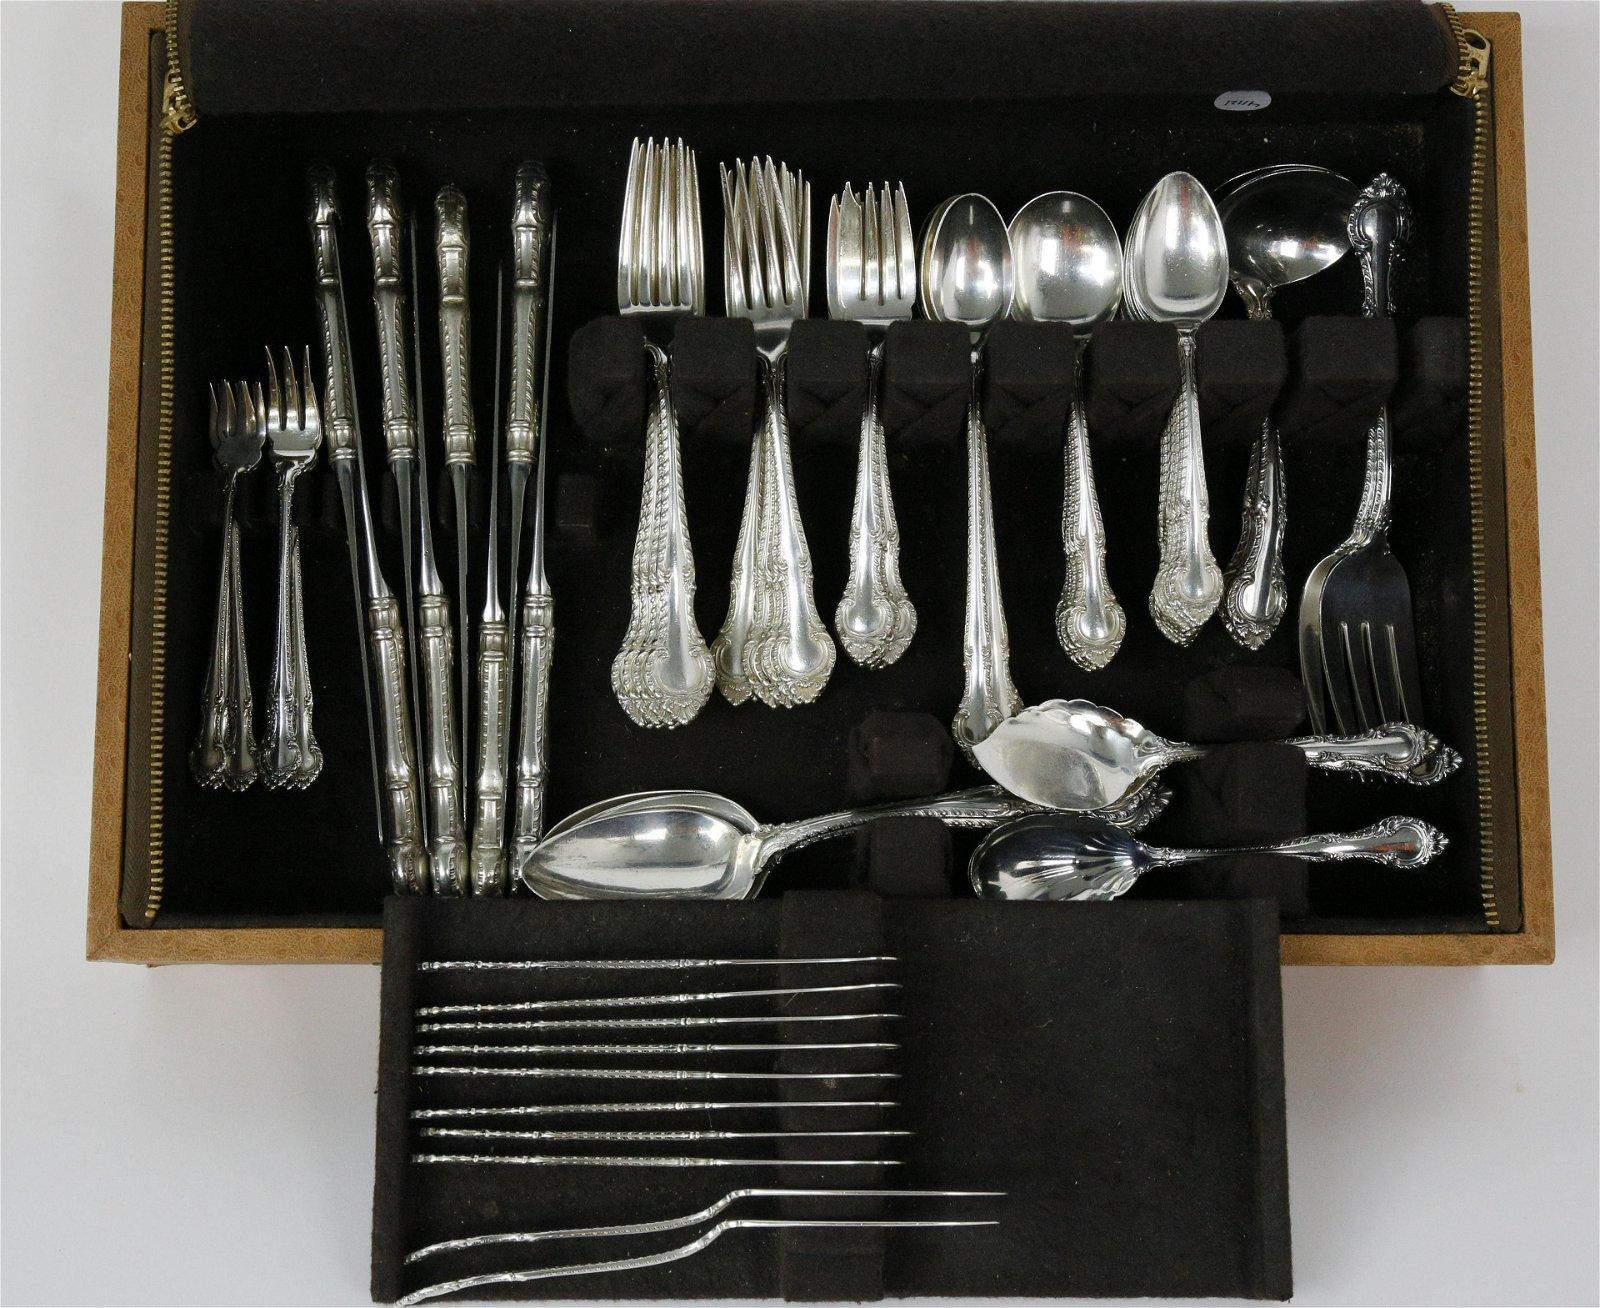 94 Piece Gorham Sterling Silver Flatware Service in